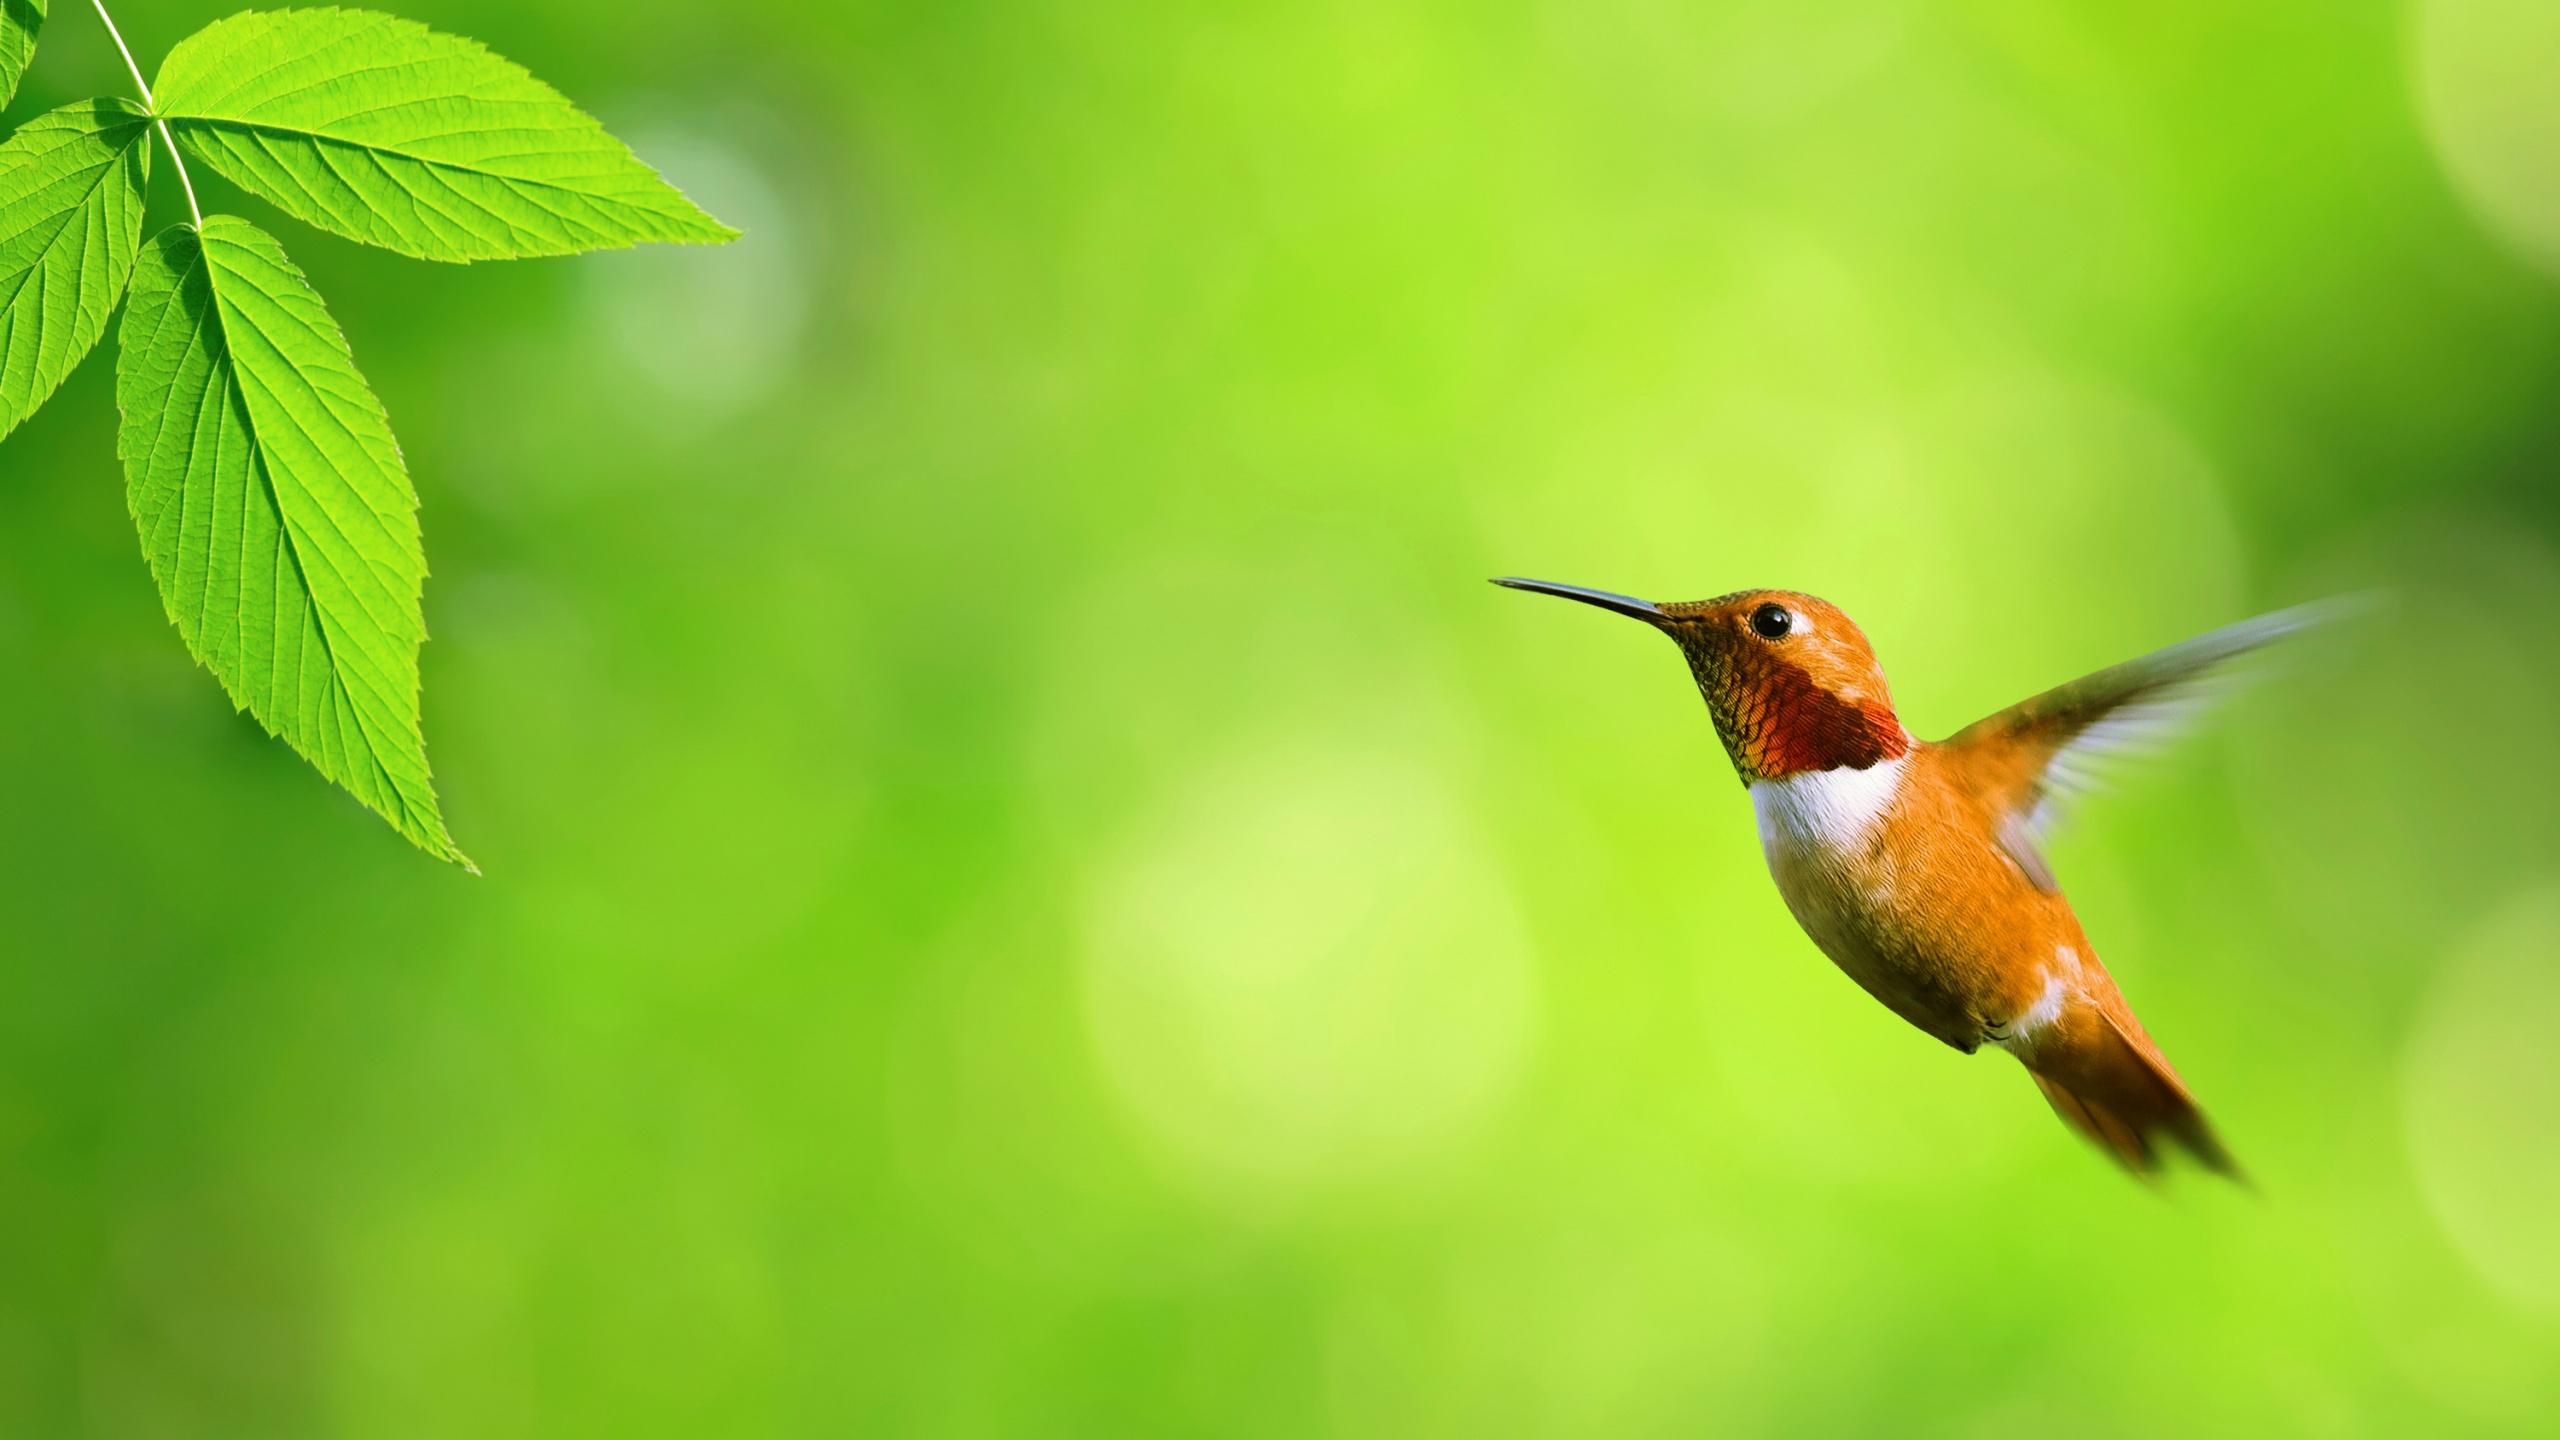 Hummingbird And Green Leaf Hd Wallpaper Wallpaper List 2560x1440